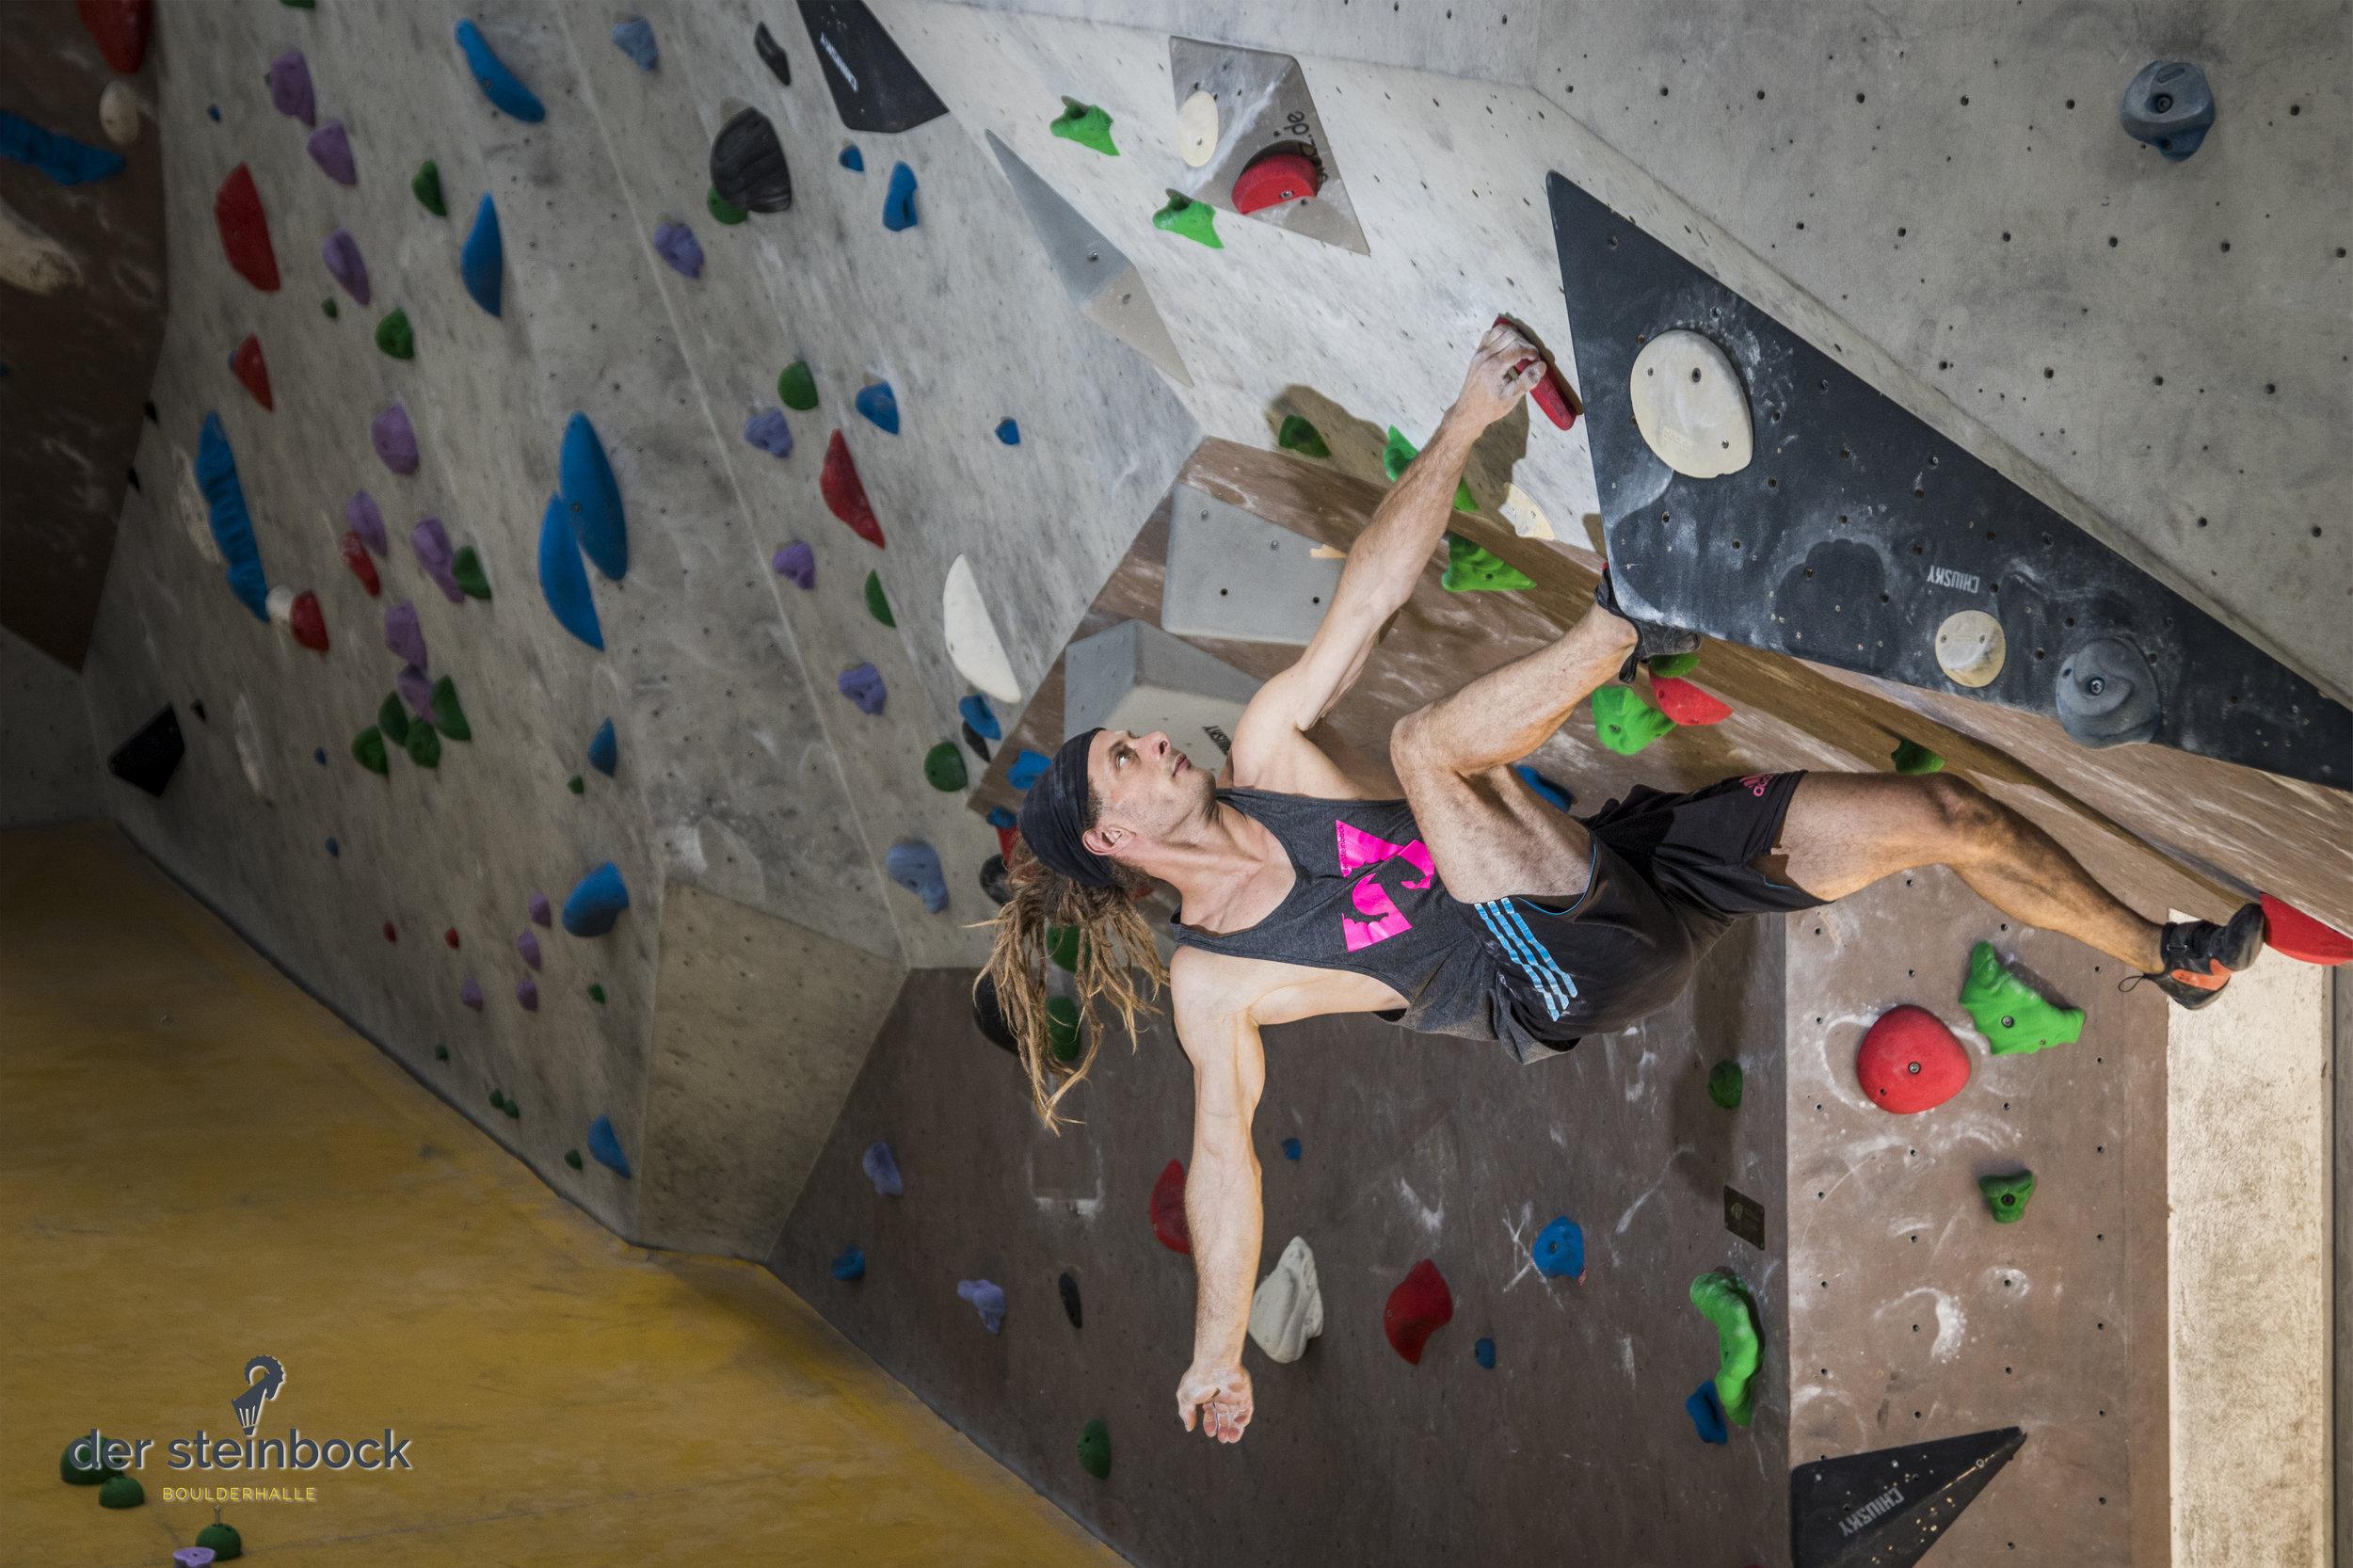 neue Boulder Zirndorf steinbock